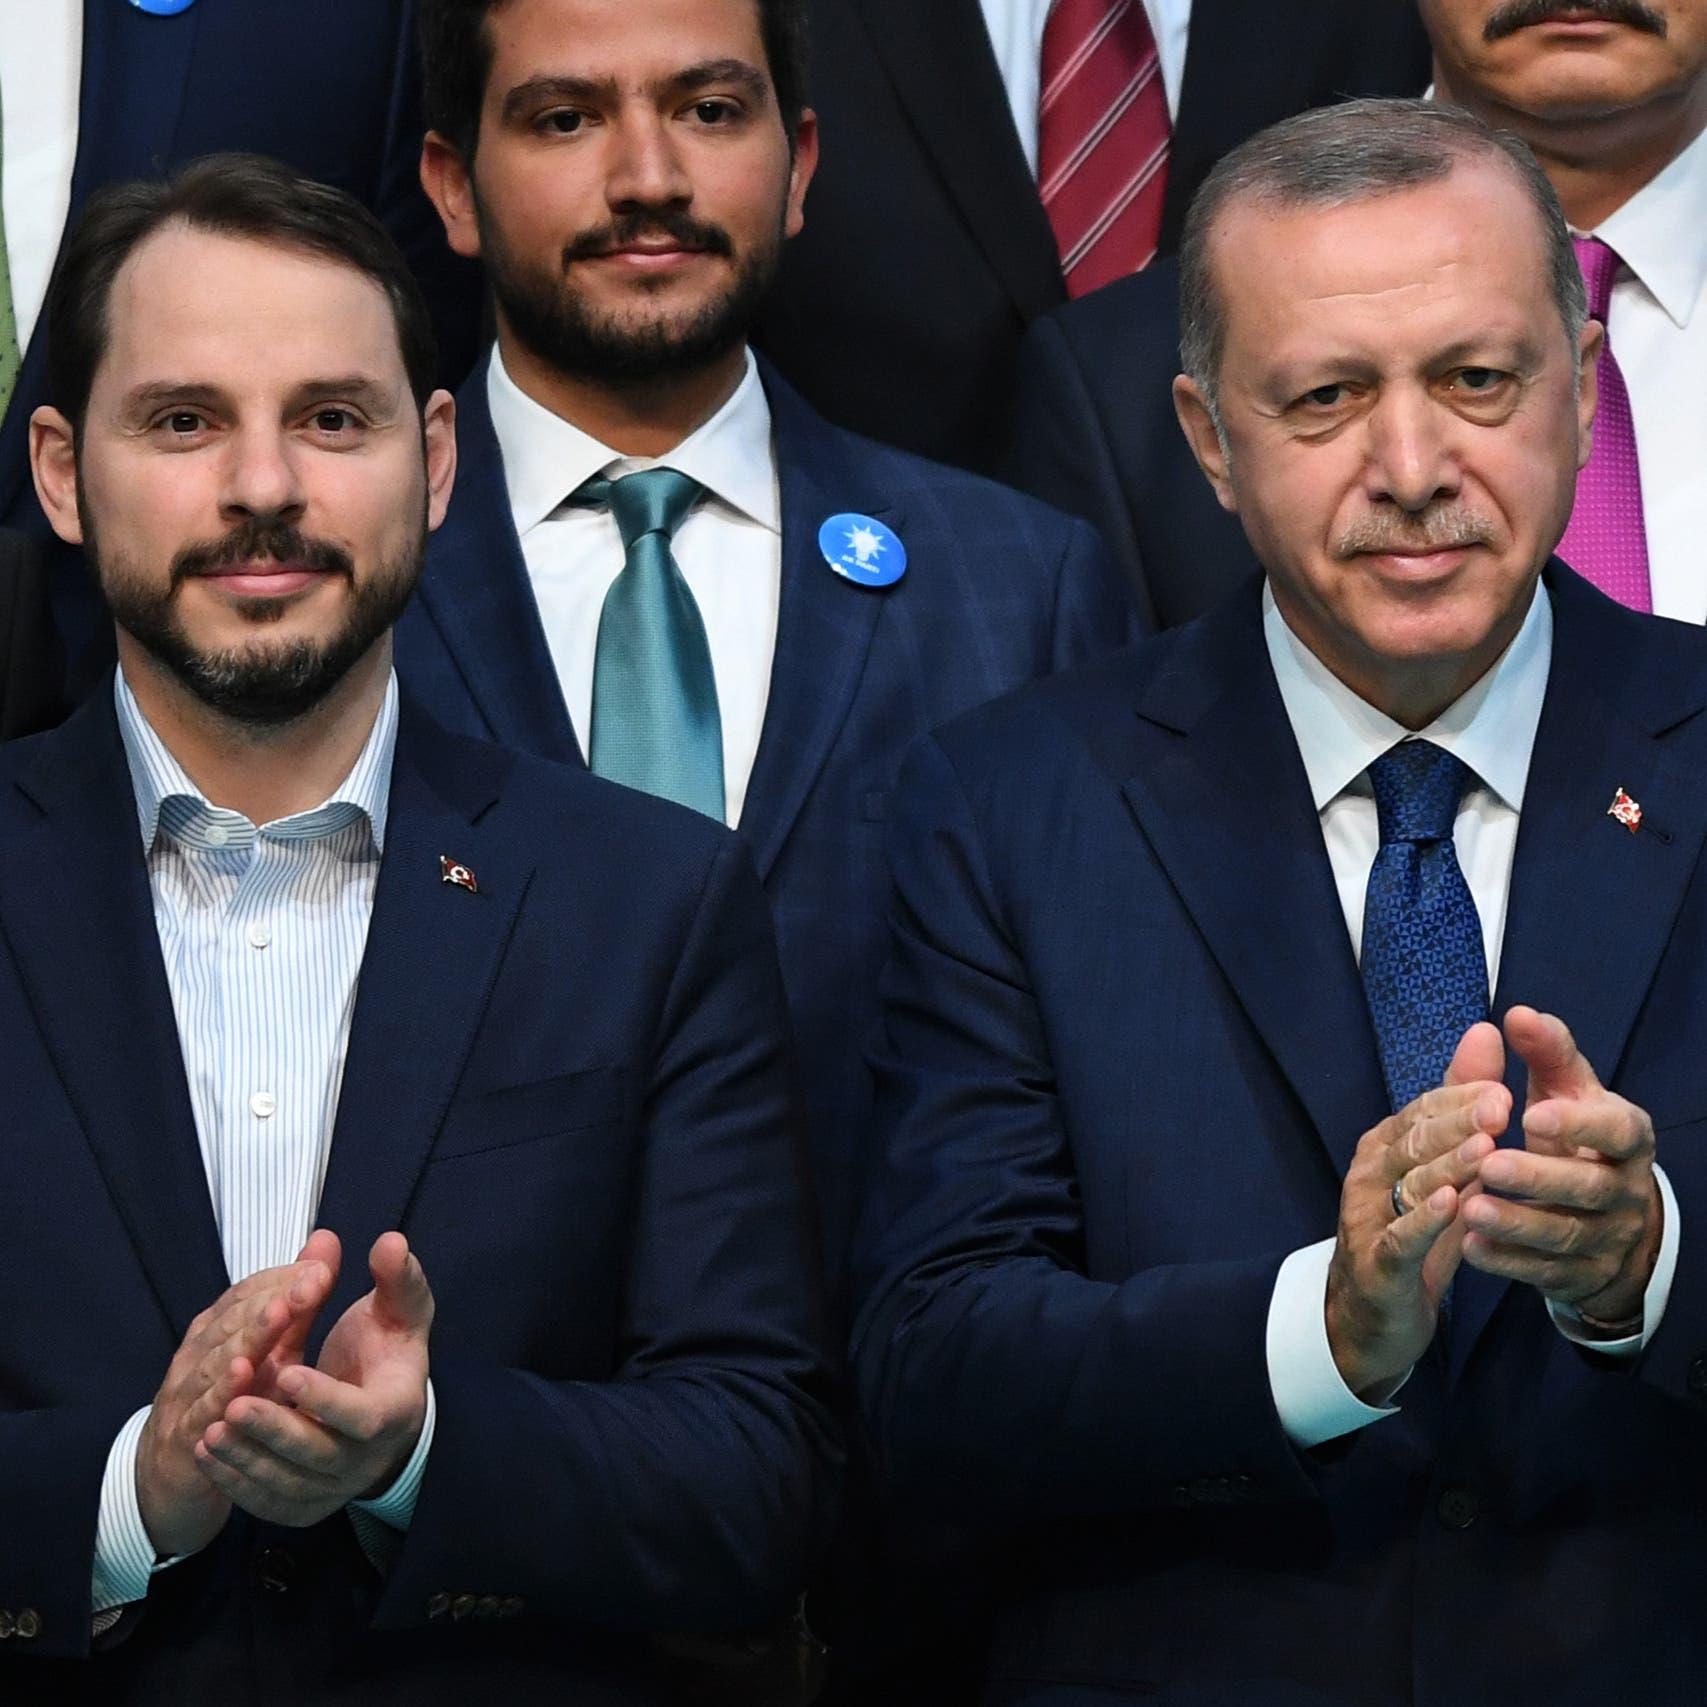 حزب معارض لأردوغان: الرائحة فاحت وإقالة صهرك لا تكفي